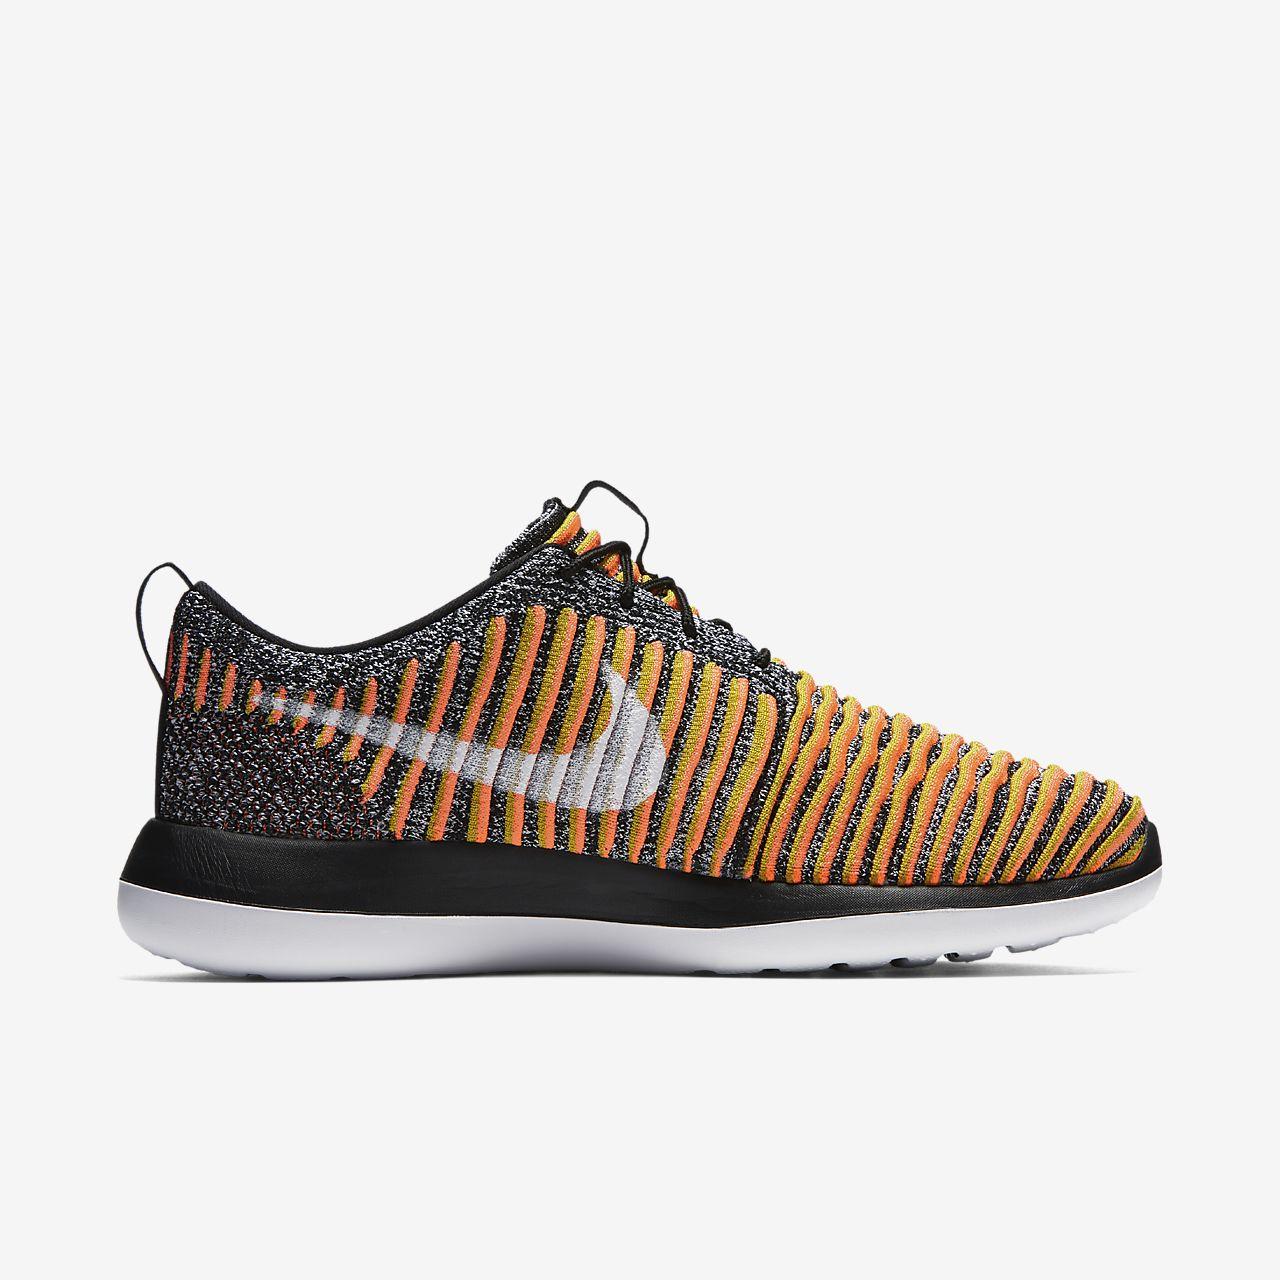 Nike Roshe Flyknit Chaussures Pour Femmes